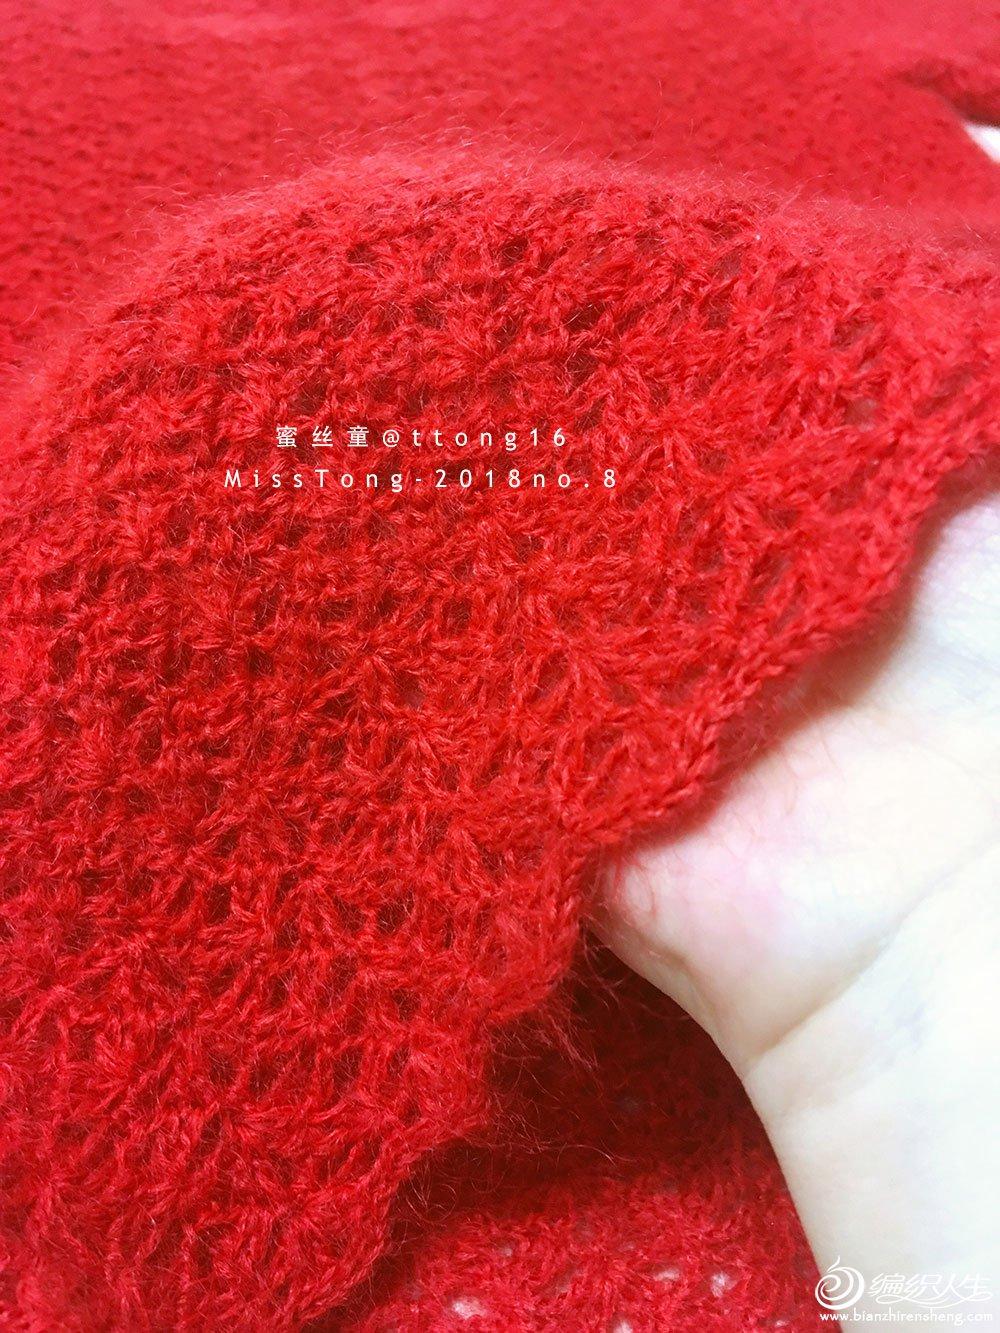 菱心 真丝羊绒 马海毛 橙红色钩衣 附图解 钩针编织作品秀